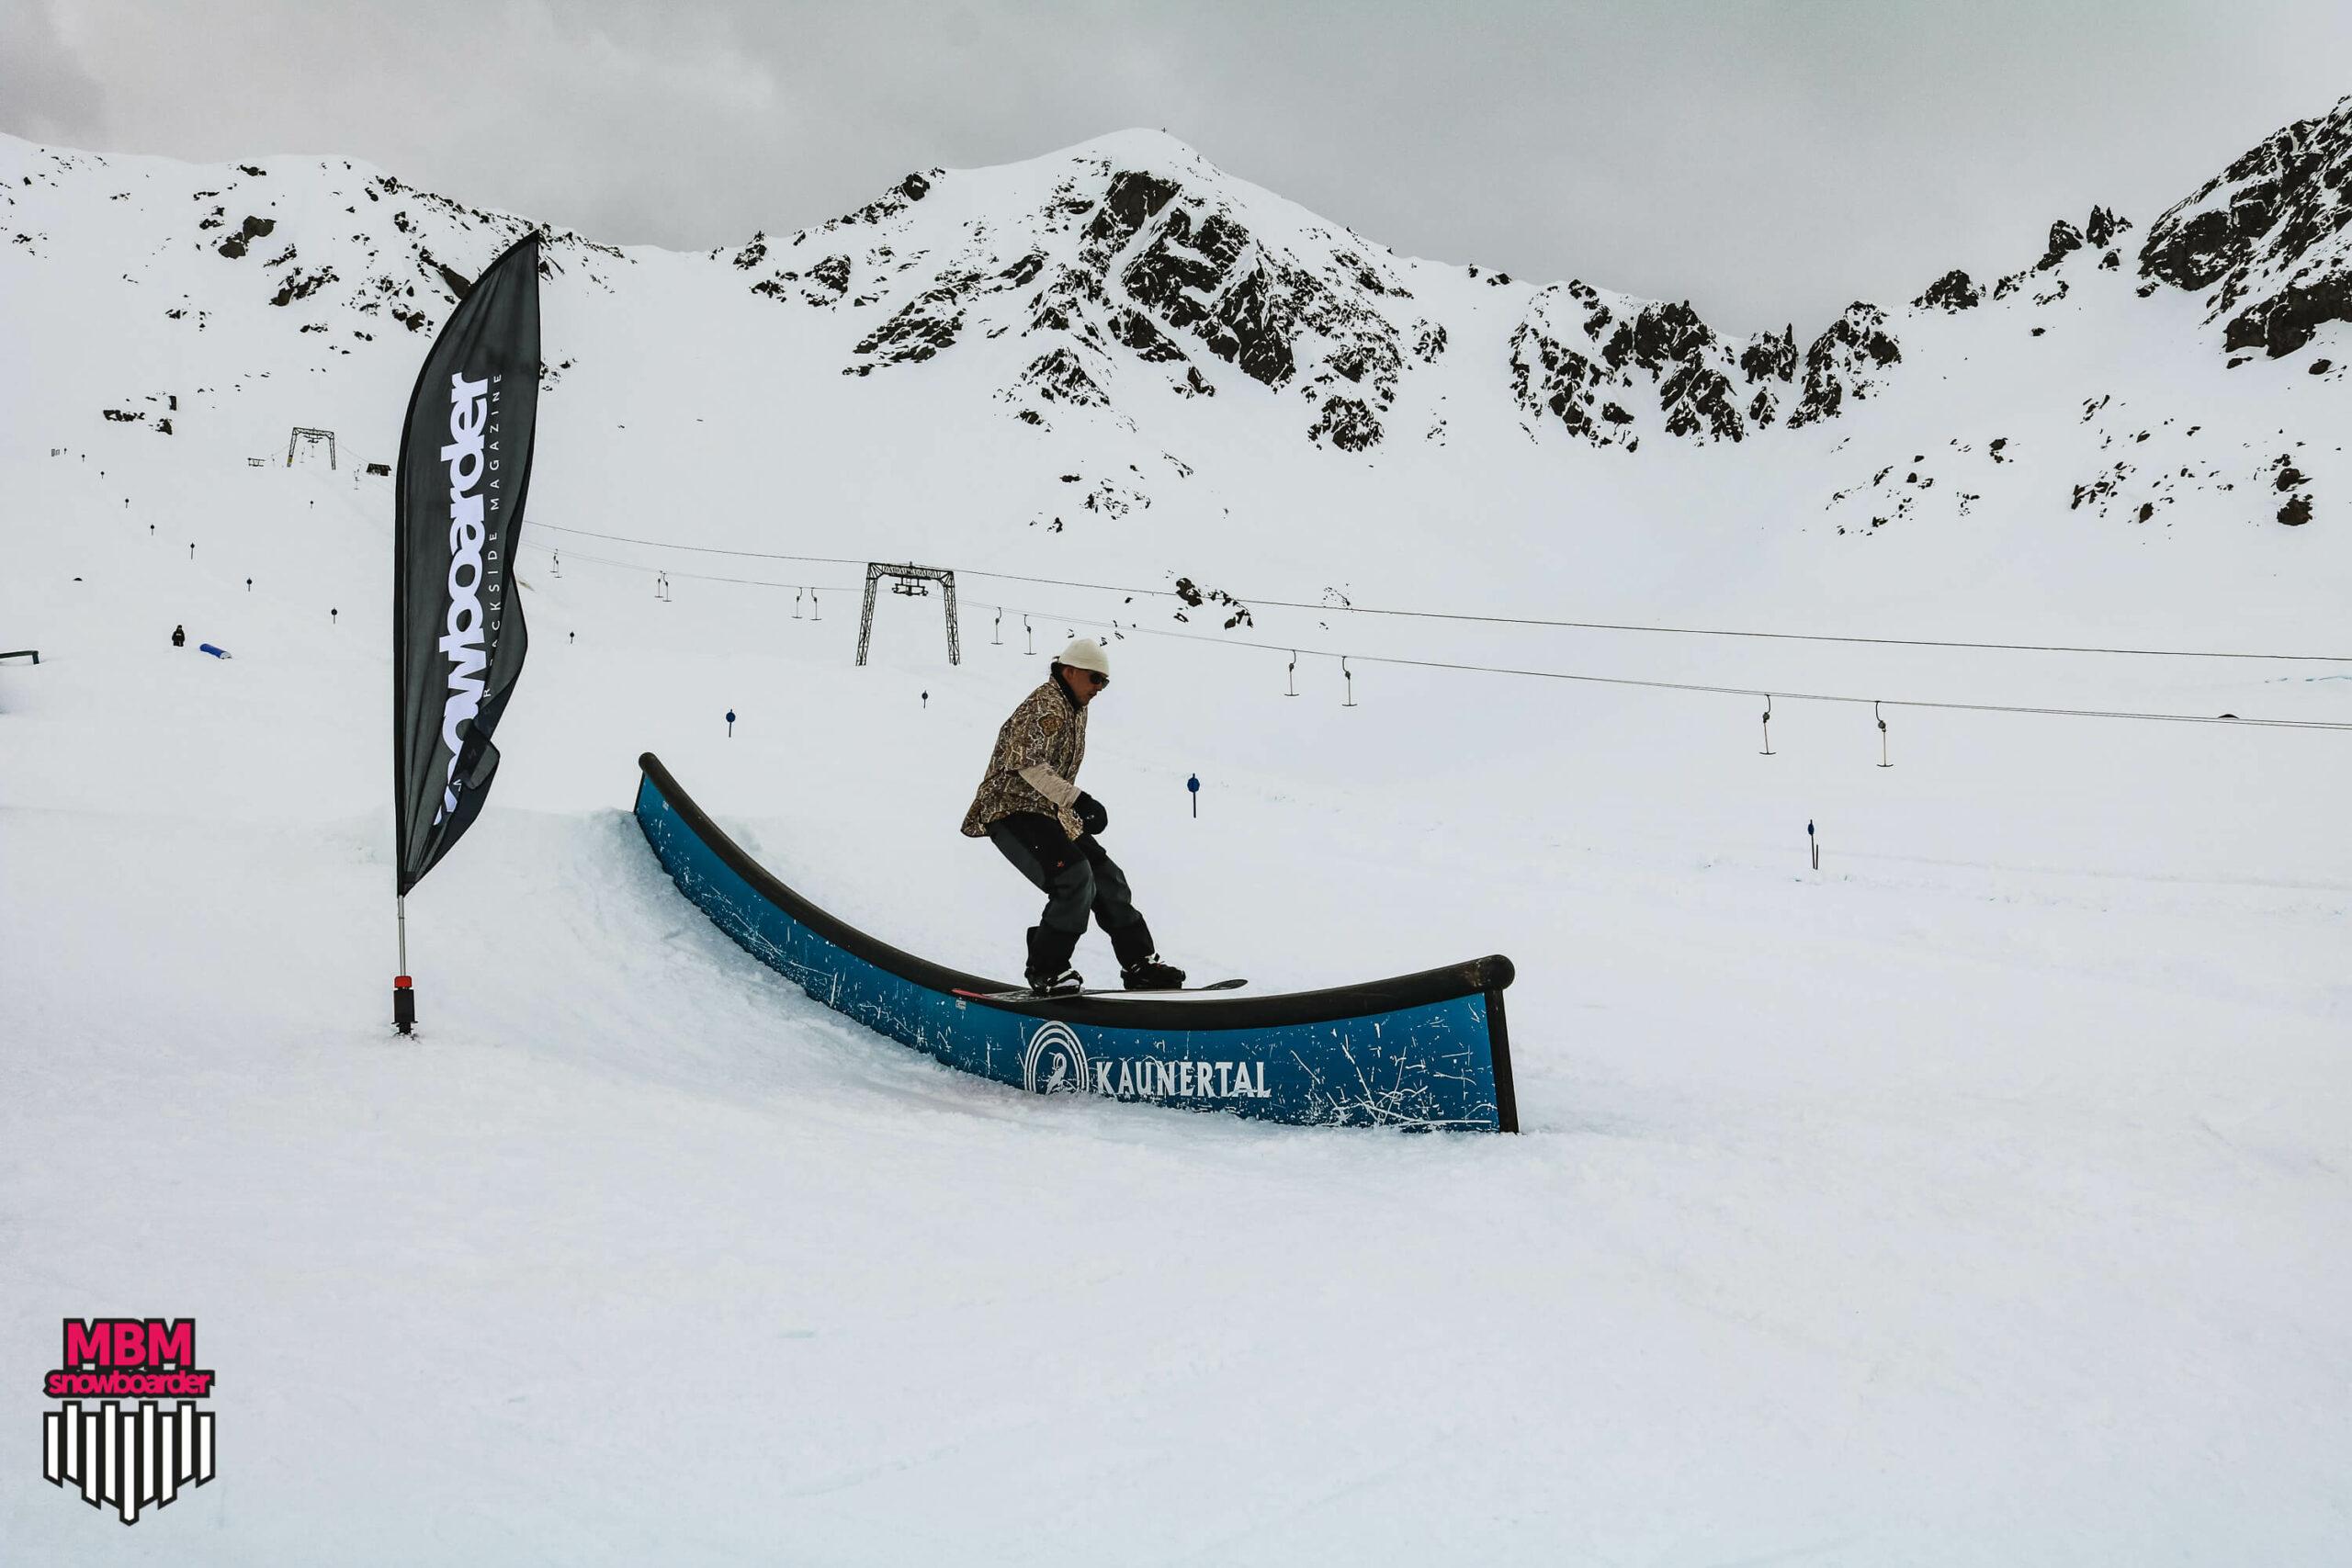 snowboarderMBM_sd_kaunertal_137